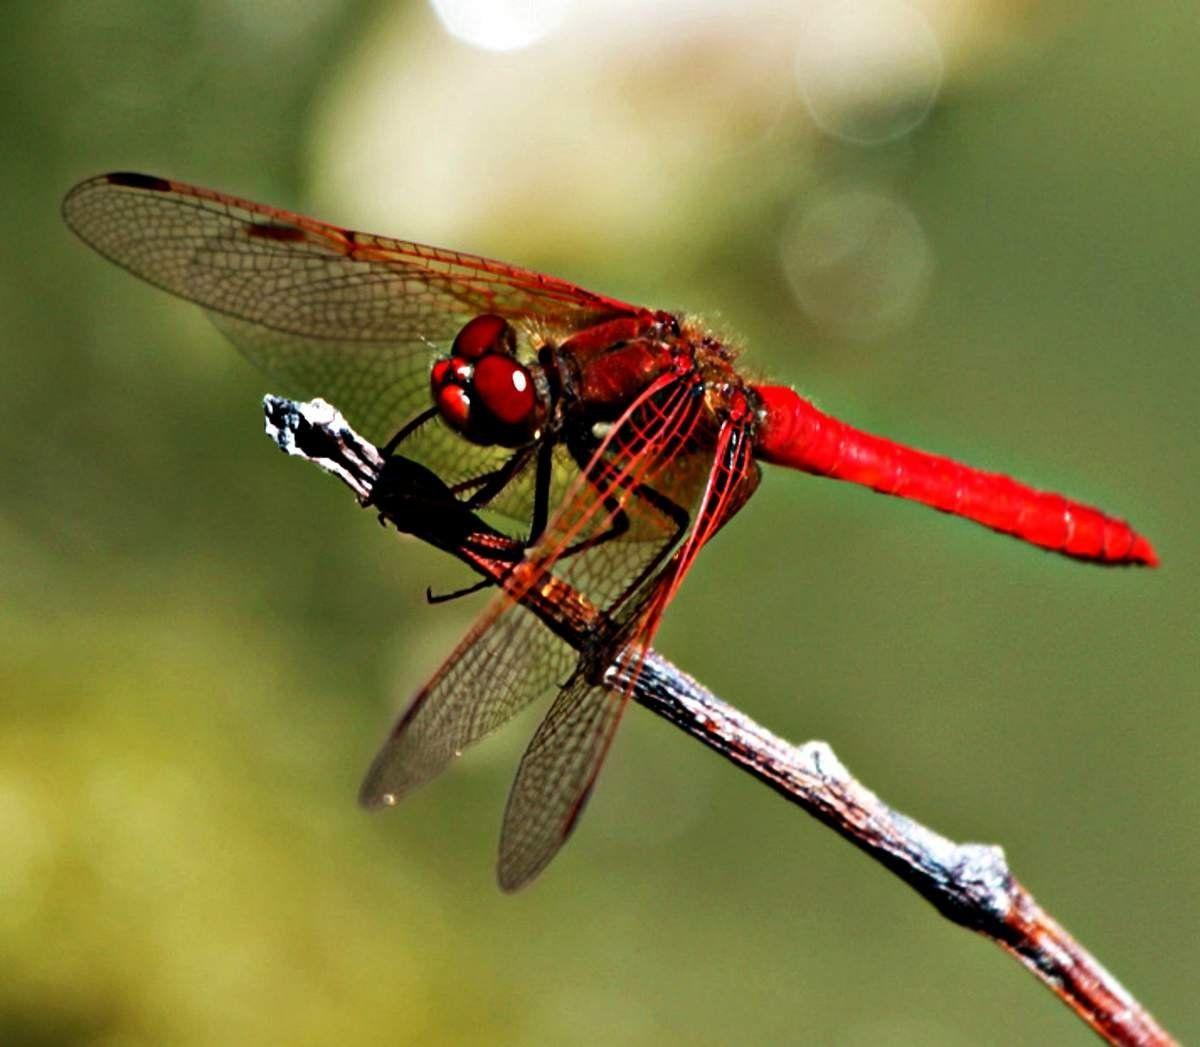 Уназемных насекомых сначала эволюции присутствовало обоняние